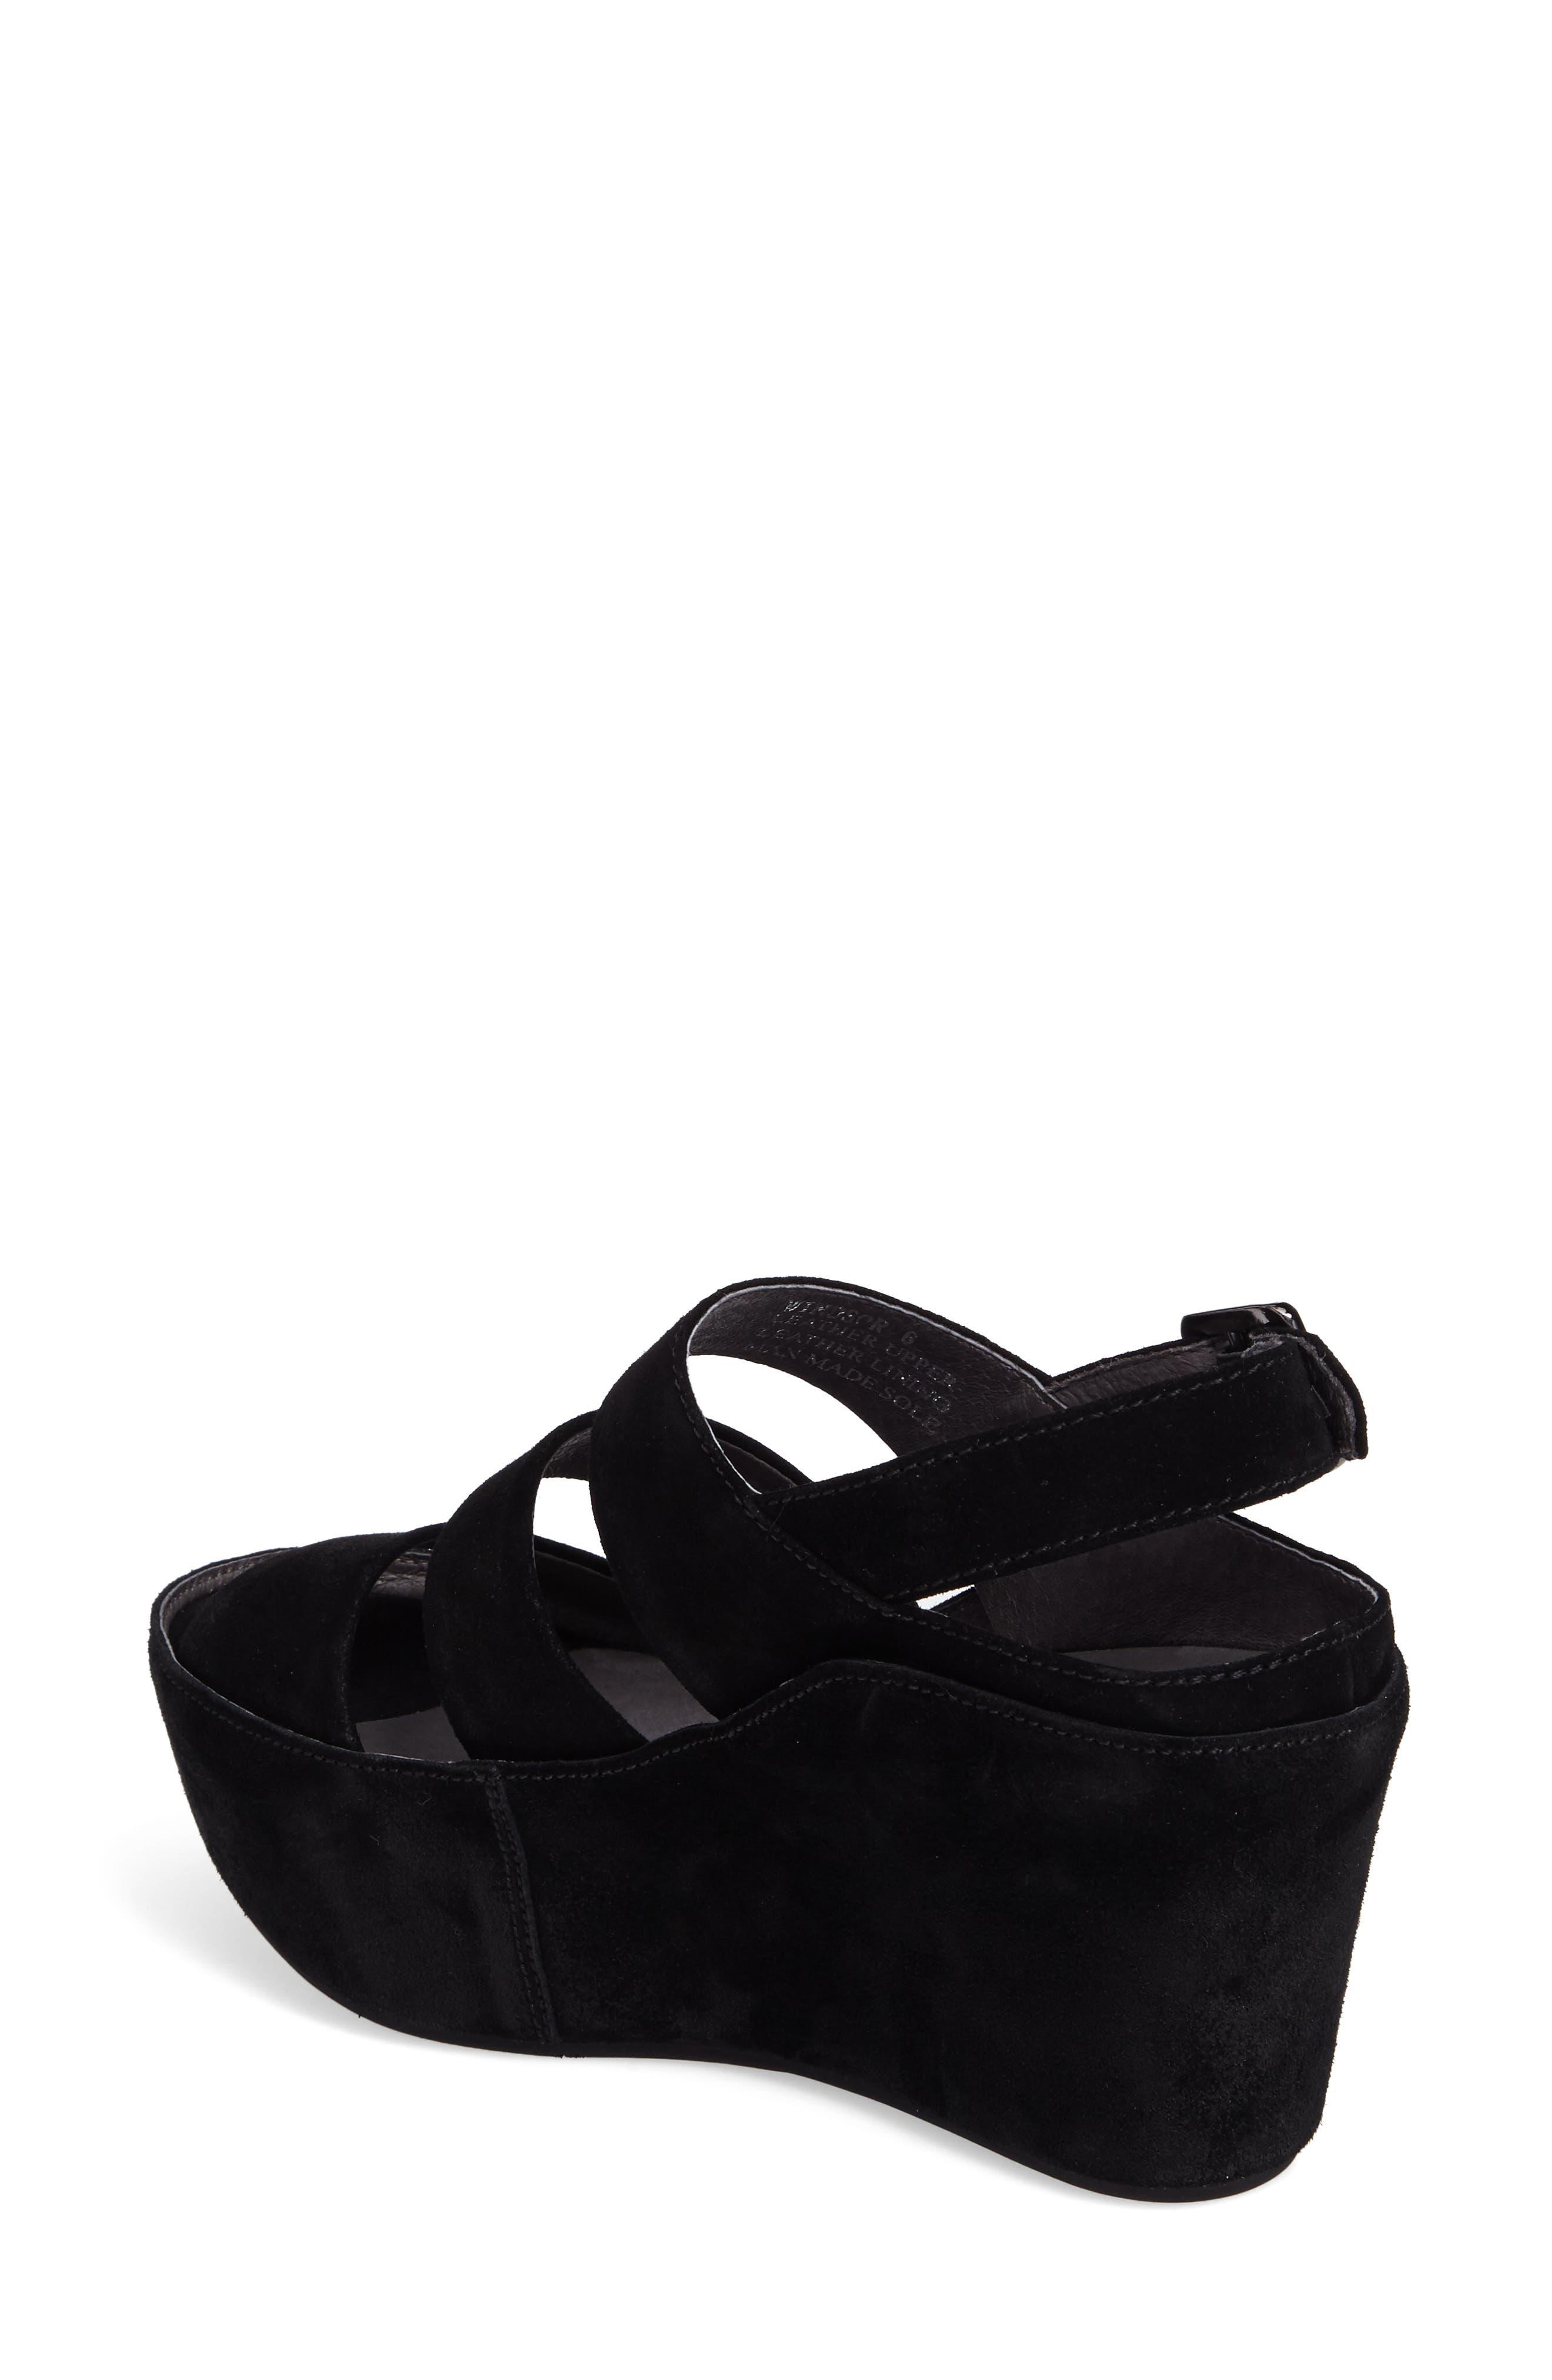 Alternate Image 2  - Chocolat Blu Windsor Platform Wedge Sandal (Women)